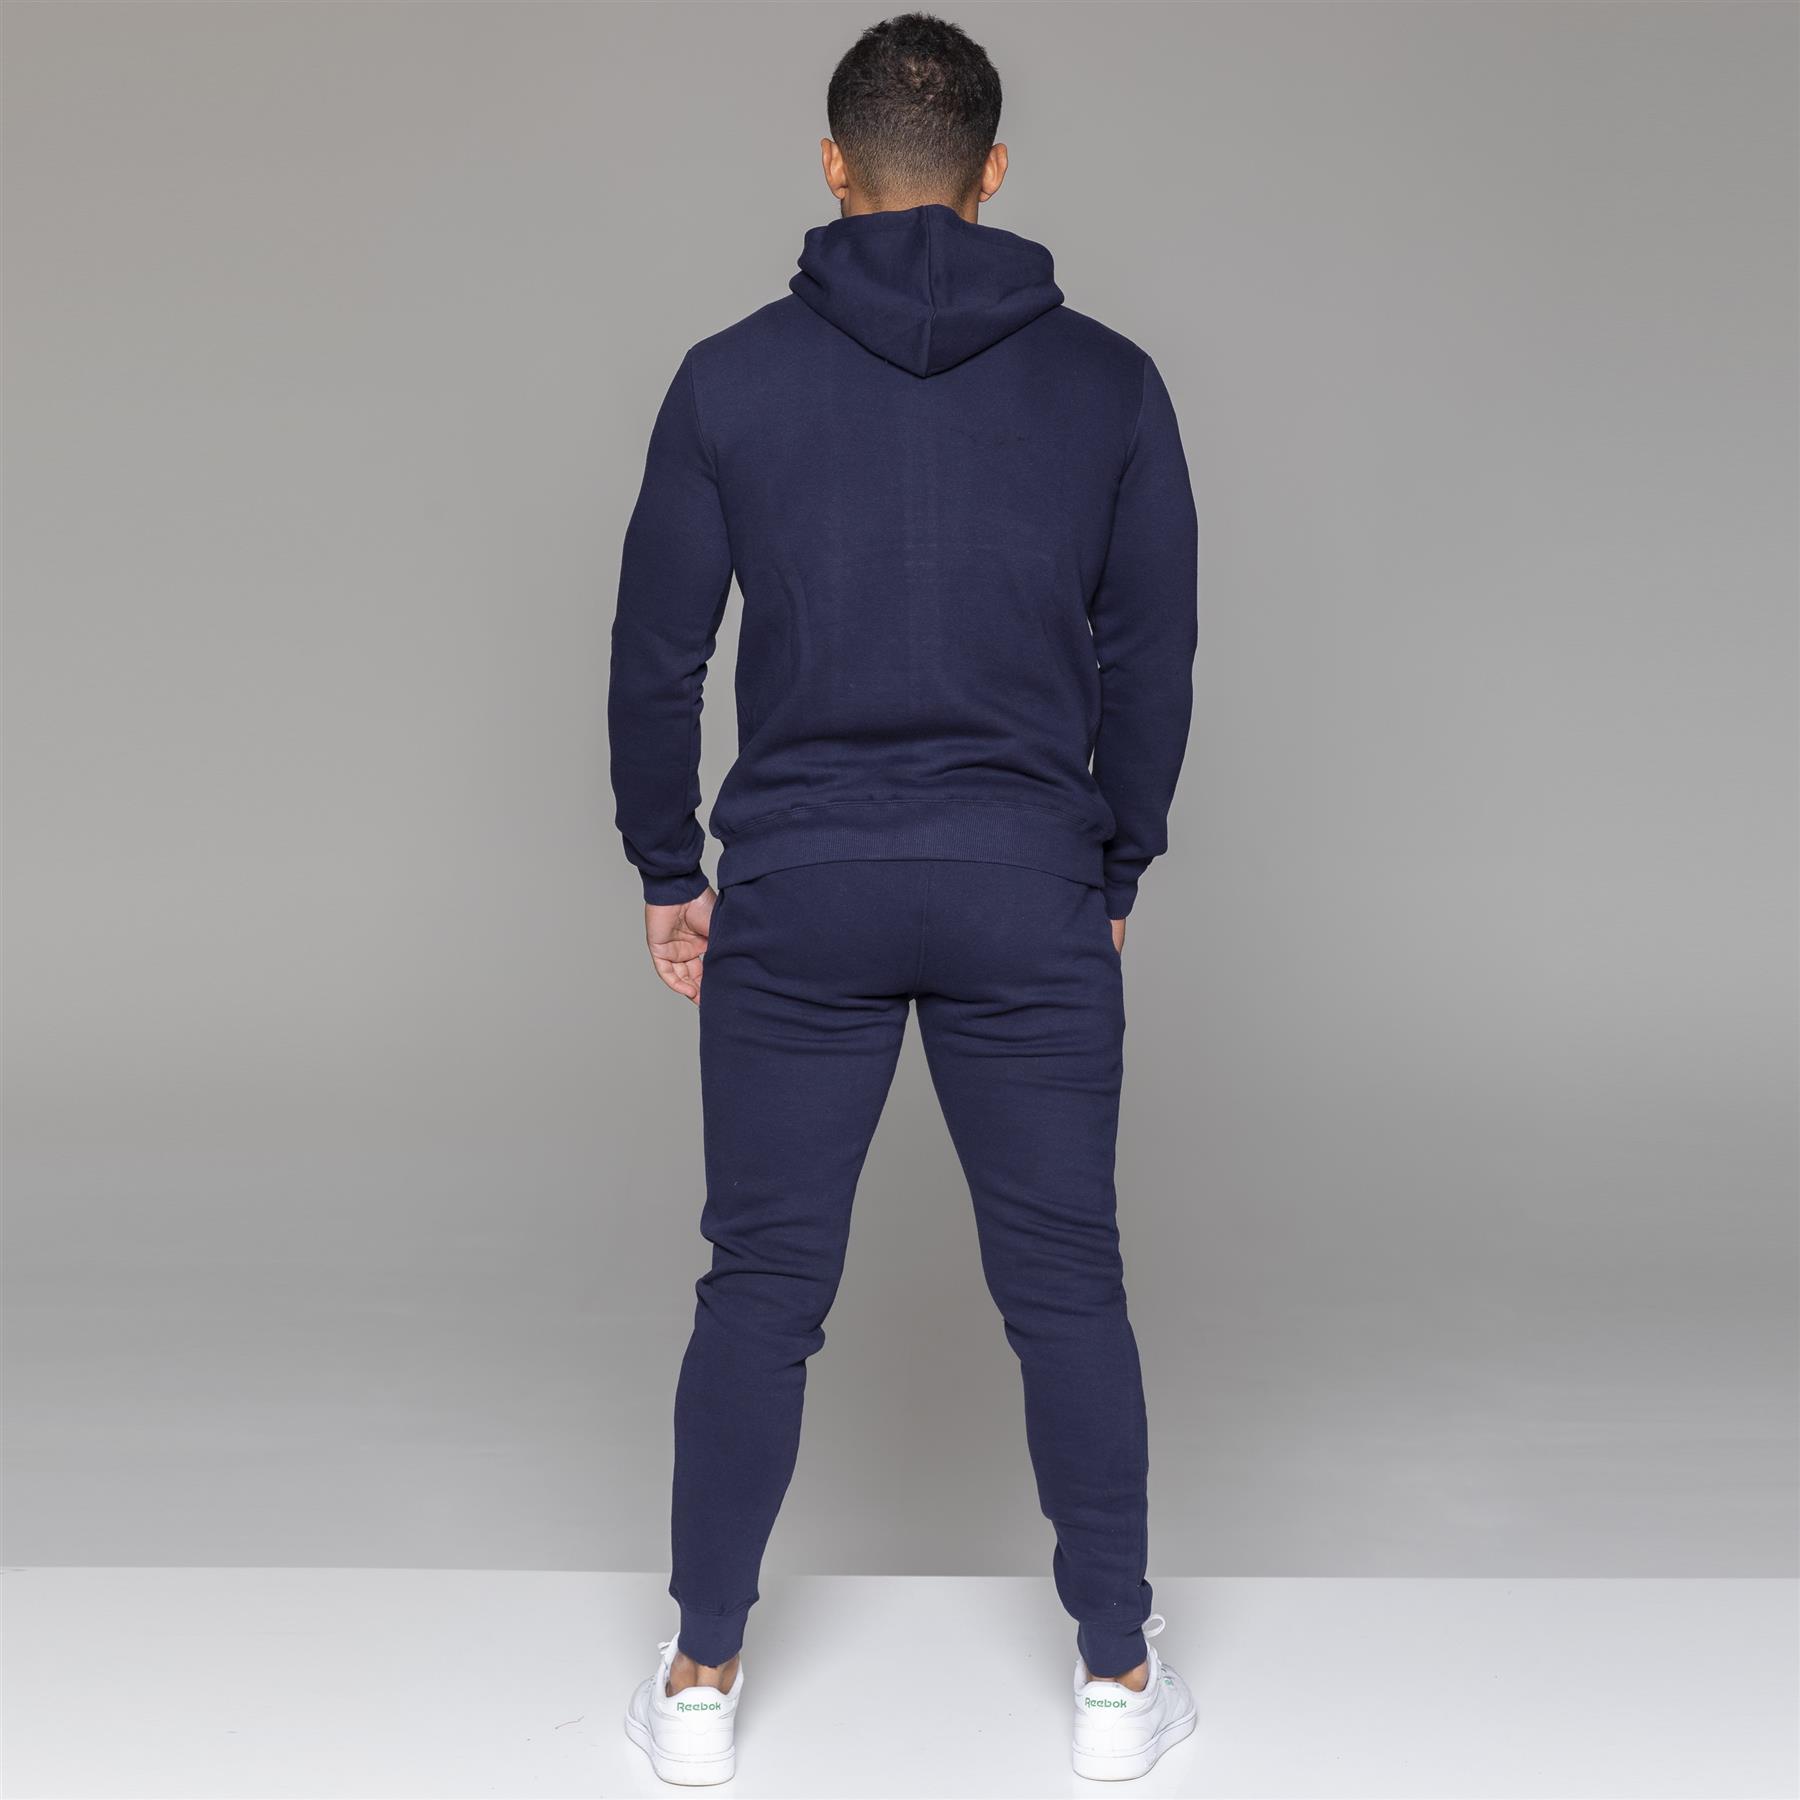 miniatura 23 - Tuta Integrale da Uomo MyT Set Felpa Con Cappuccio E Cerniera Felpa Con Cappuccio Jogging Bottoms Pantaloni Sportivi